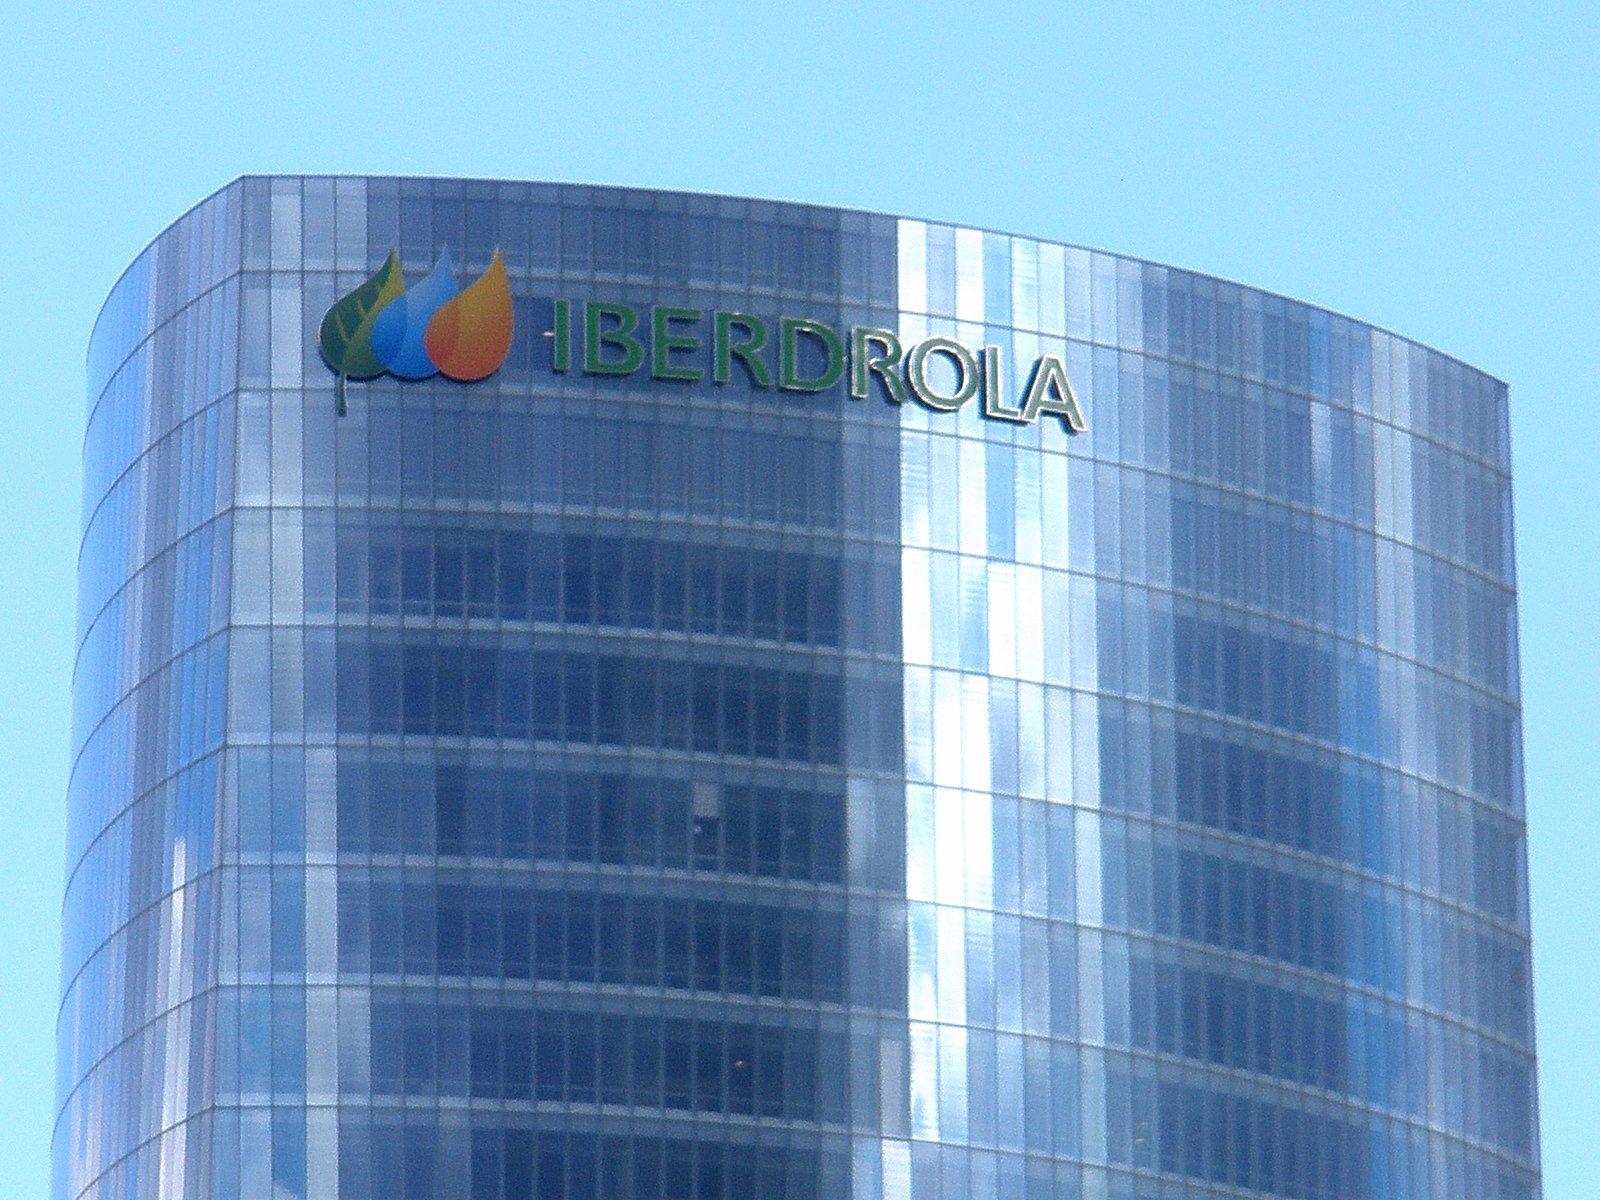 El beneficio de Iberdrola cae un 13,5 % y sus acciones suben en el Ibex 35